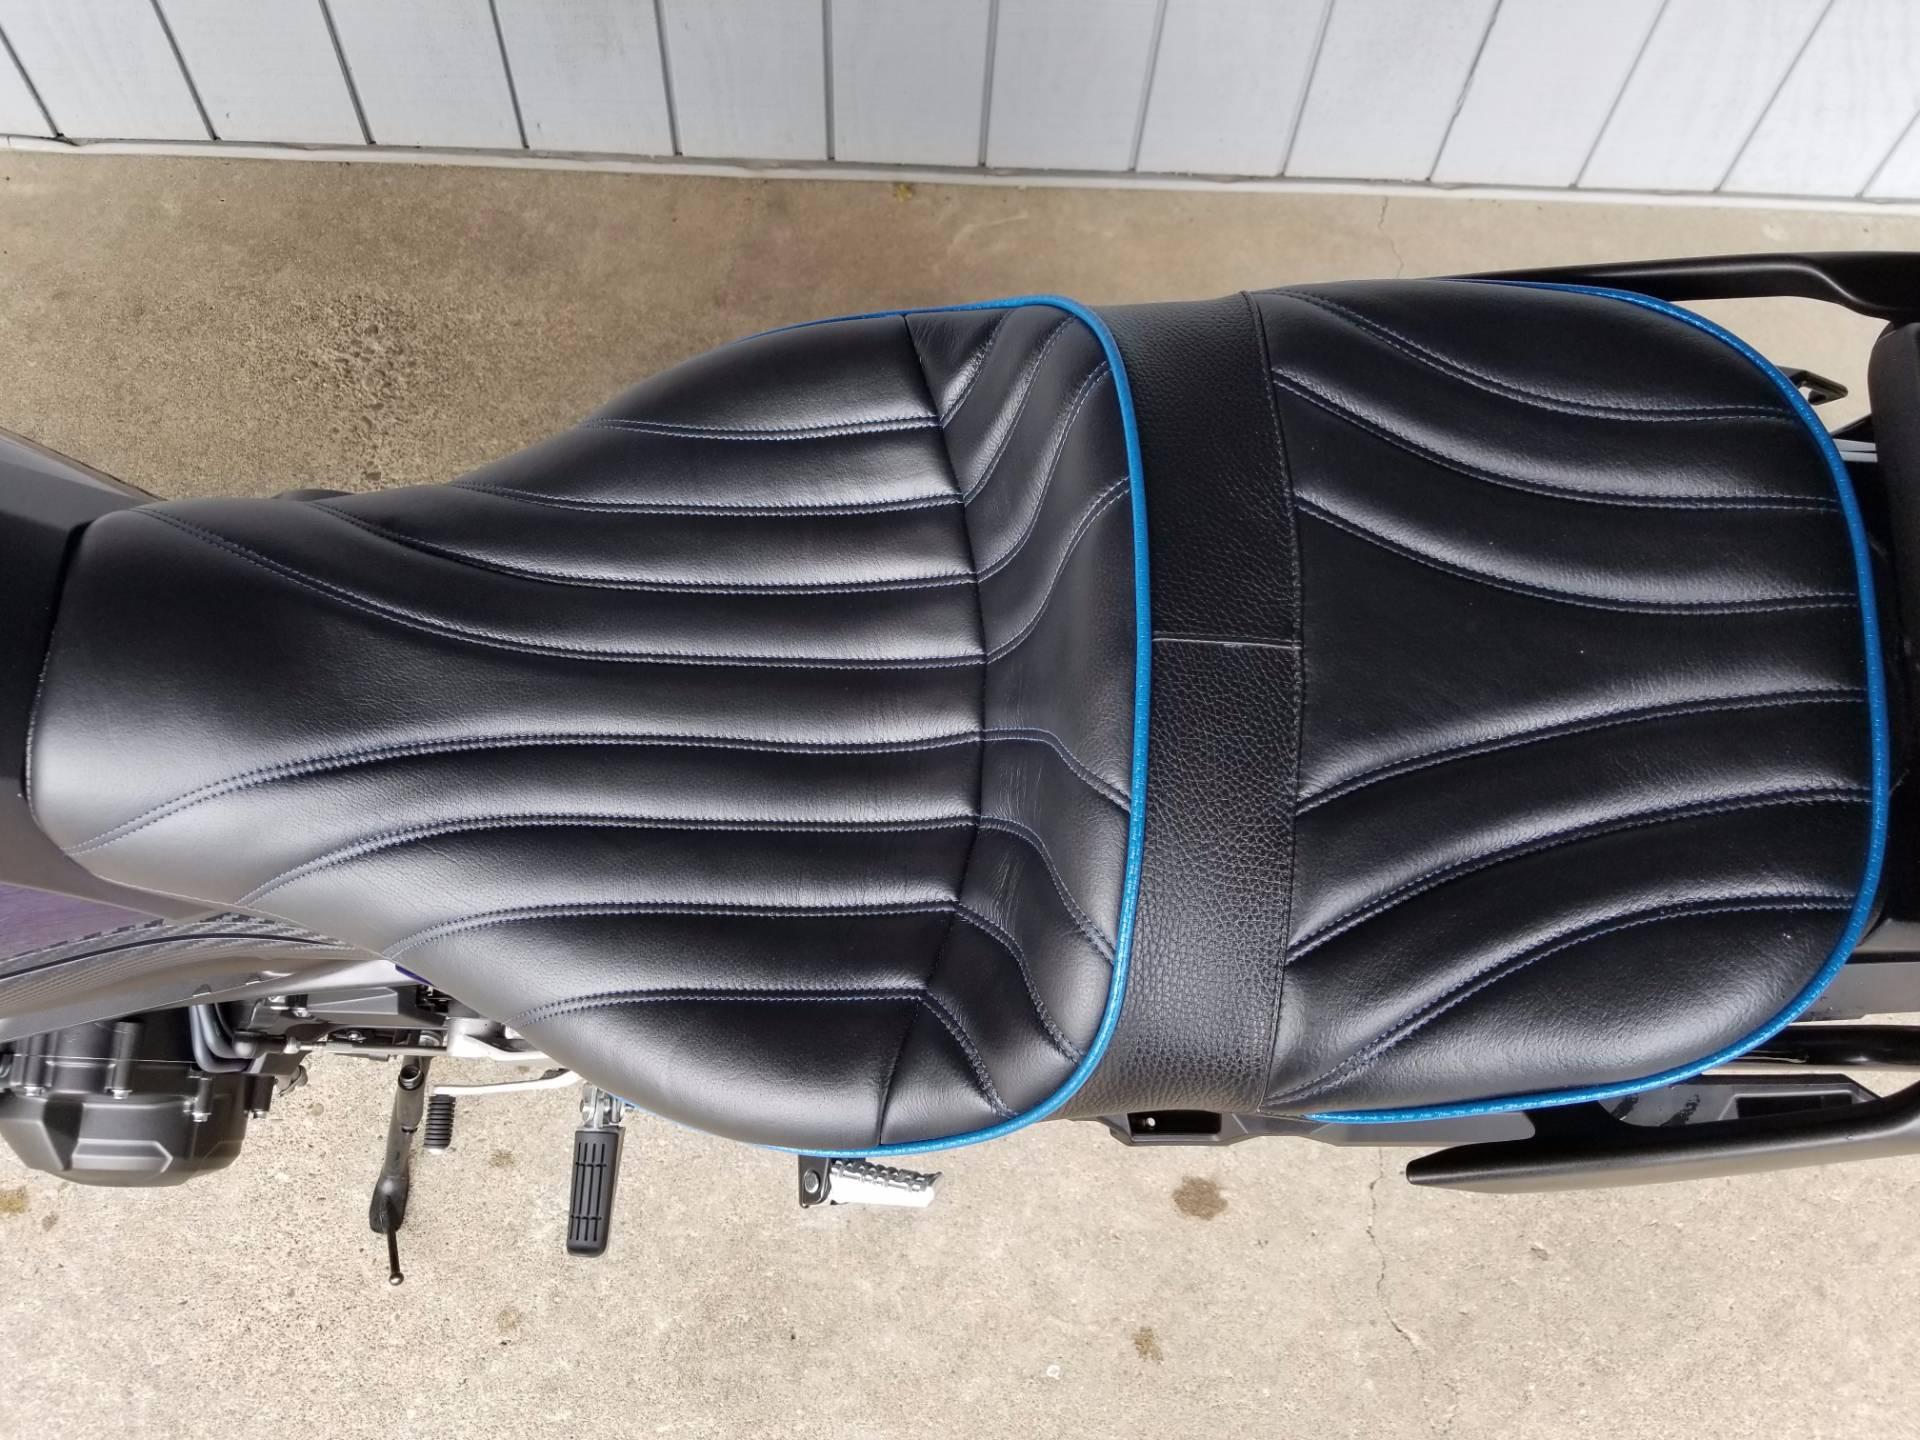 2017 Yamaha FJ-09 9